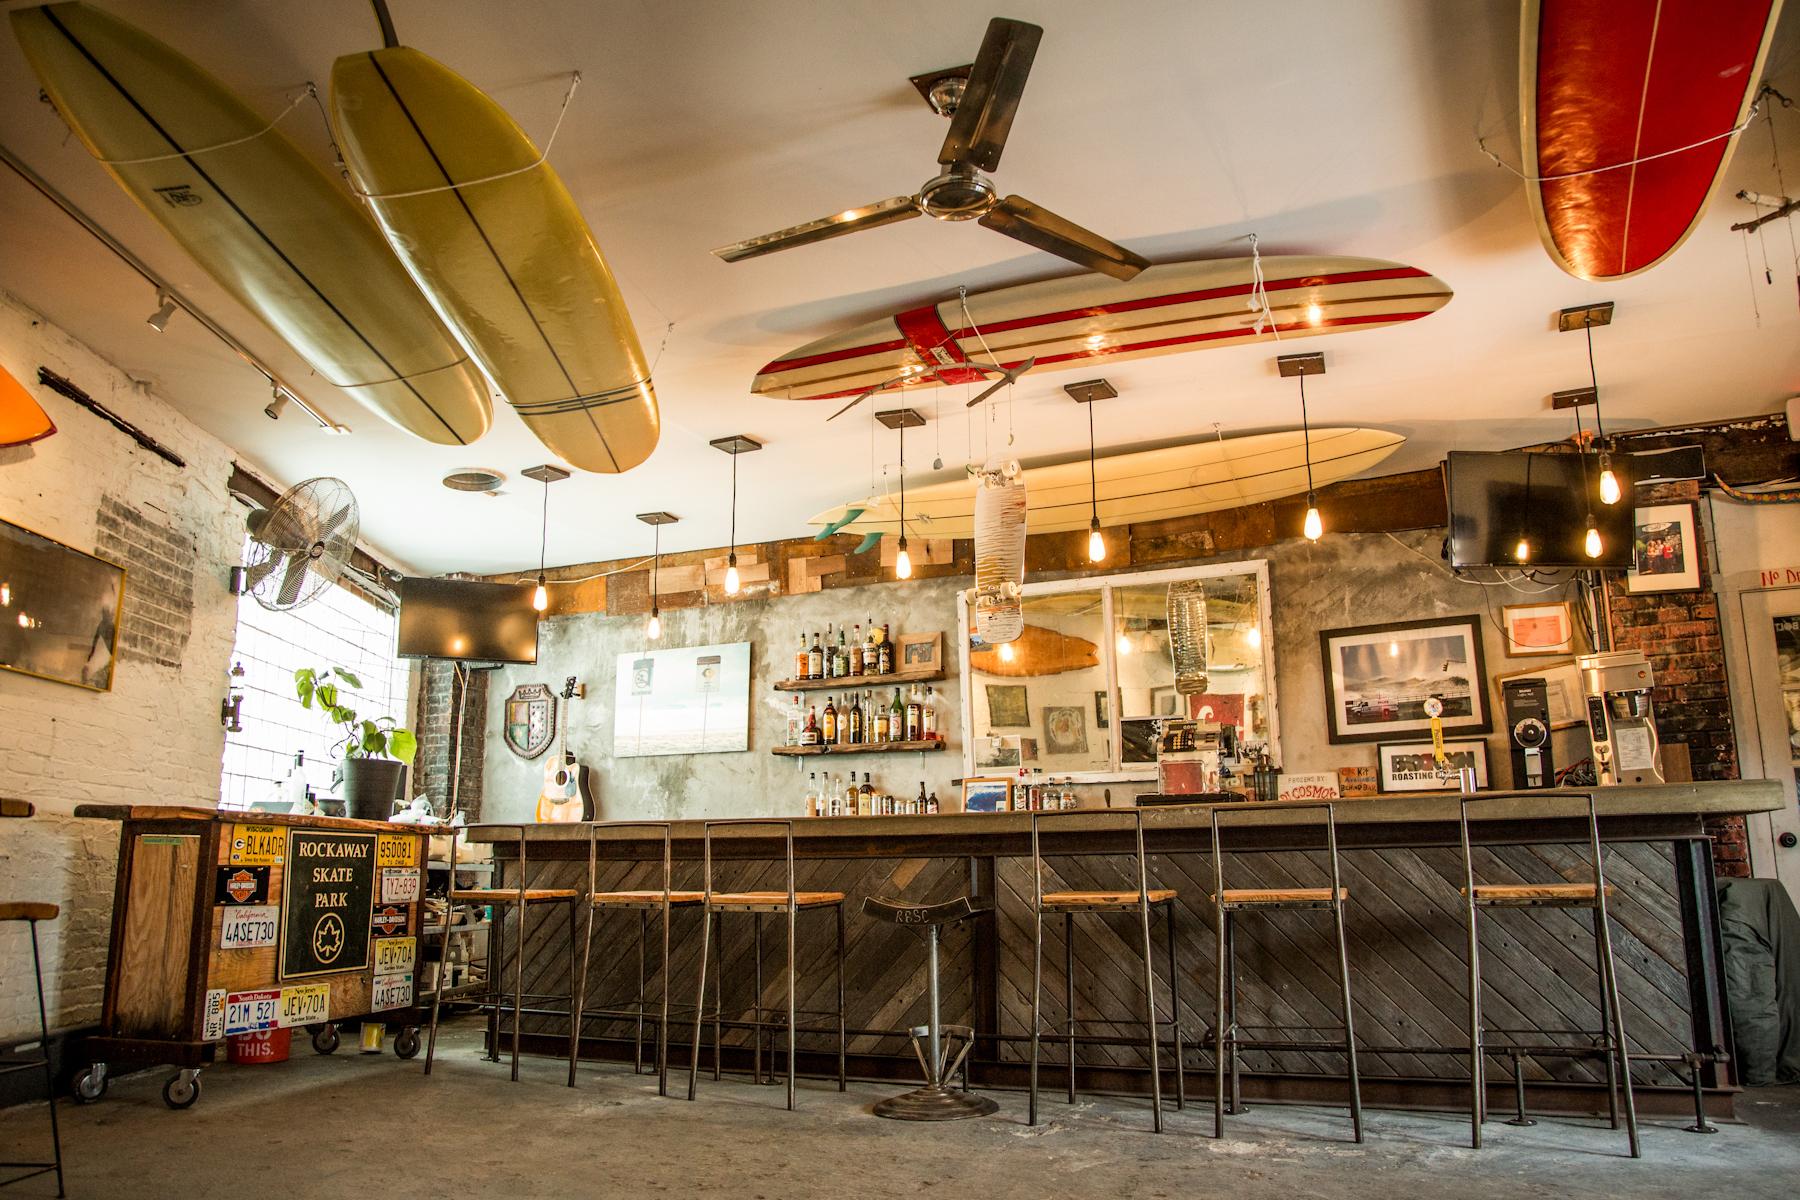 Rockaway Beach Surf Club Tacoway Beach